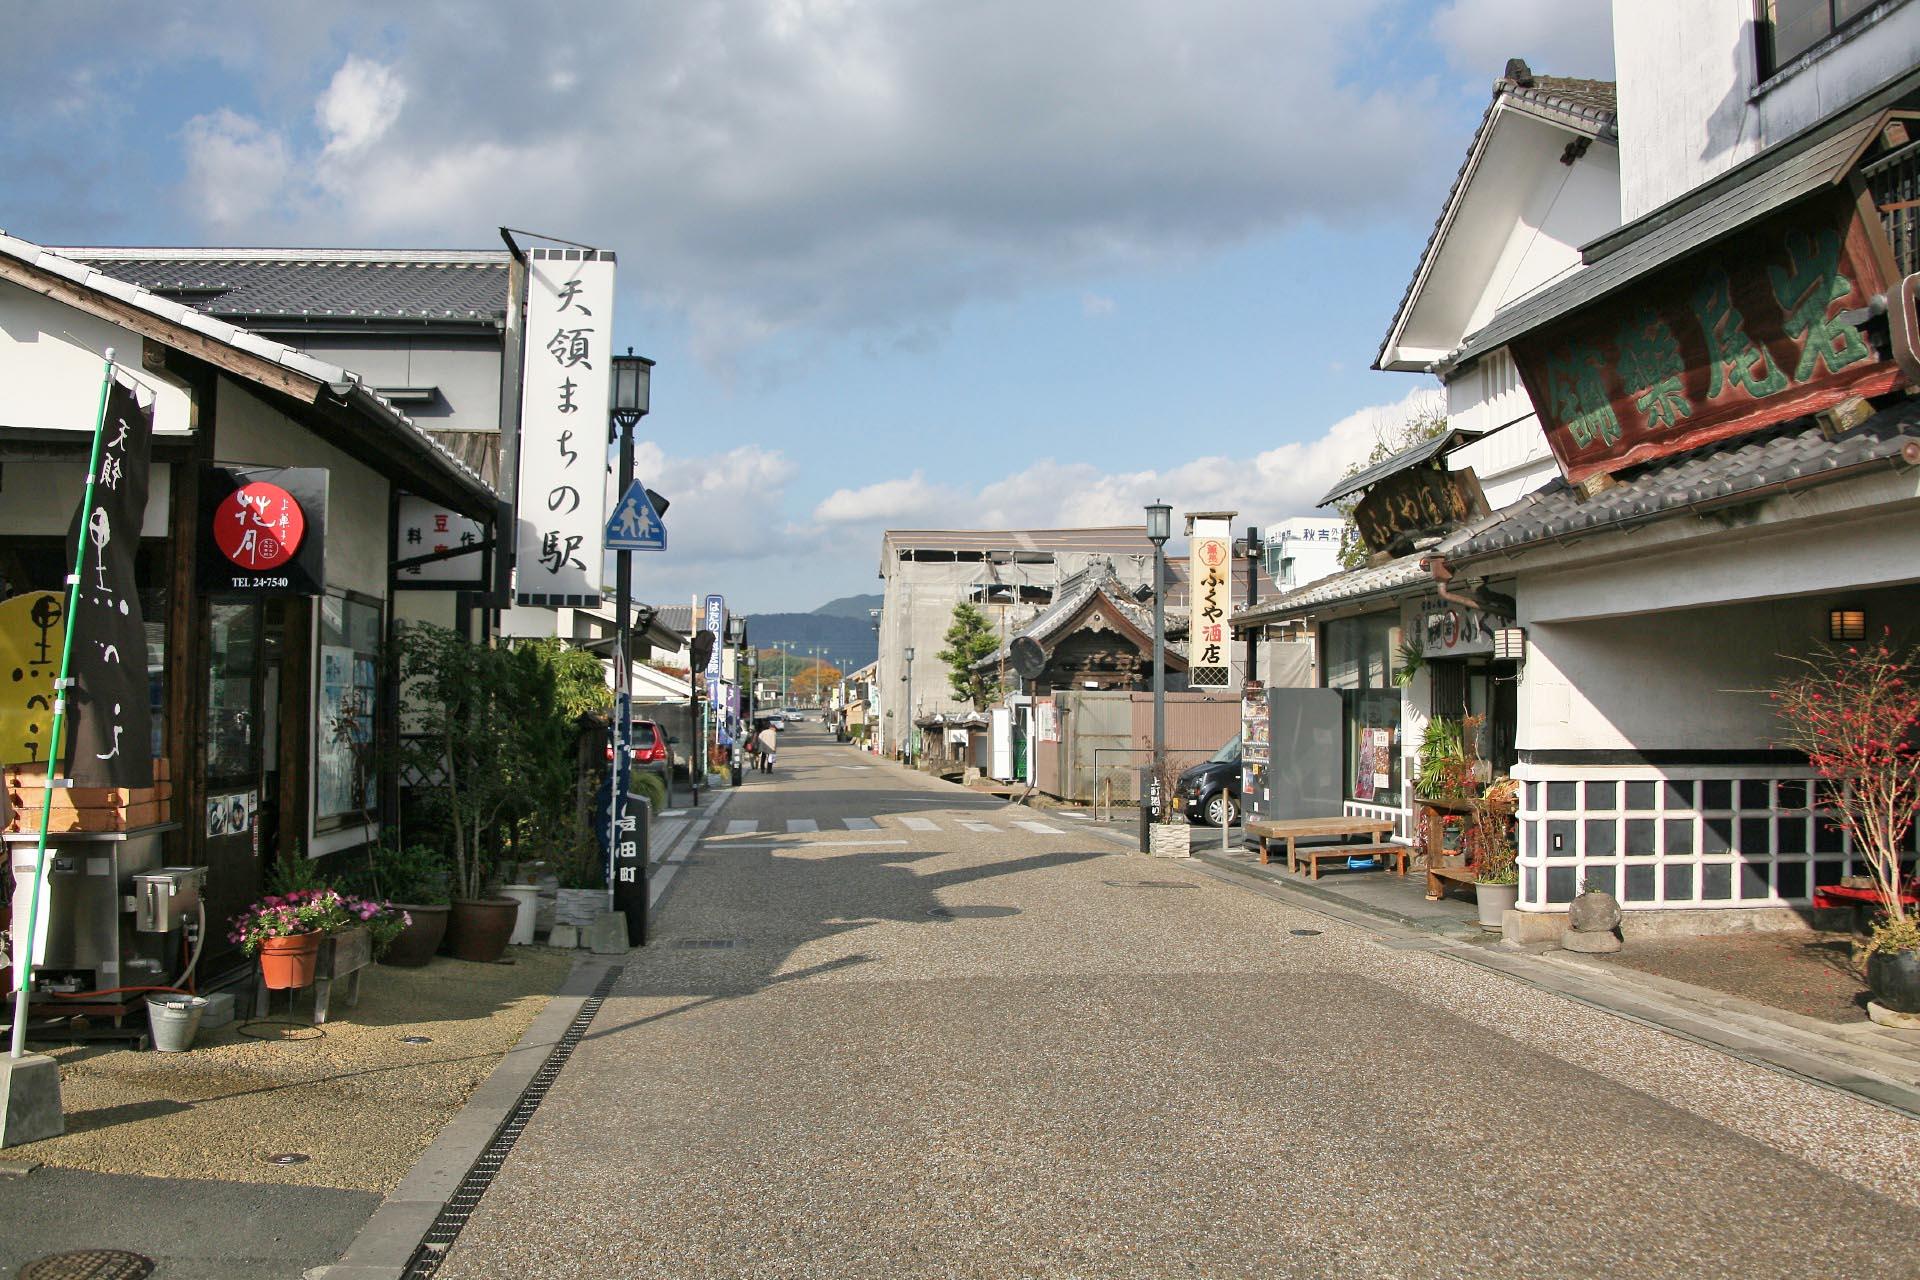 日田の町並み 大分の風景